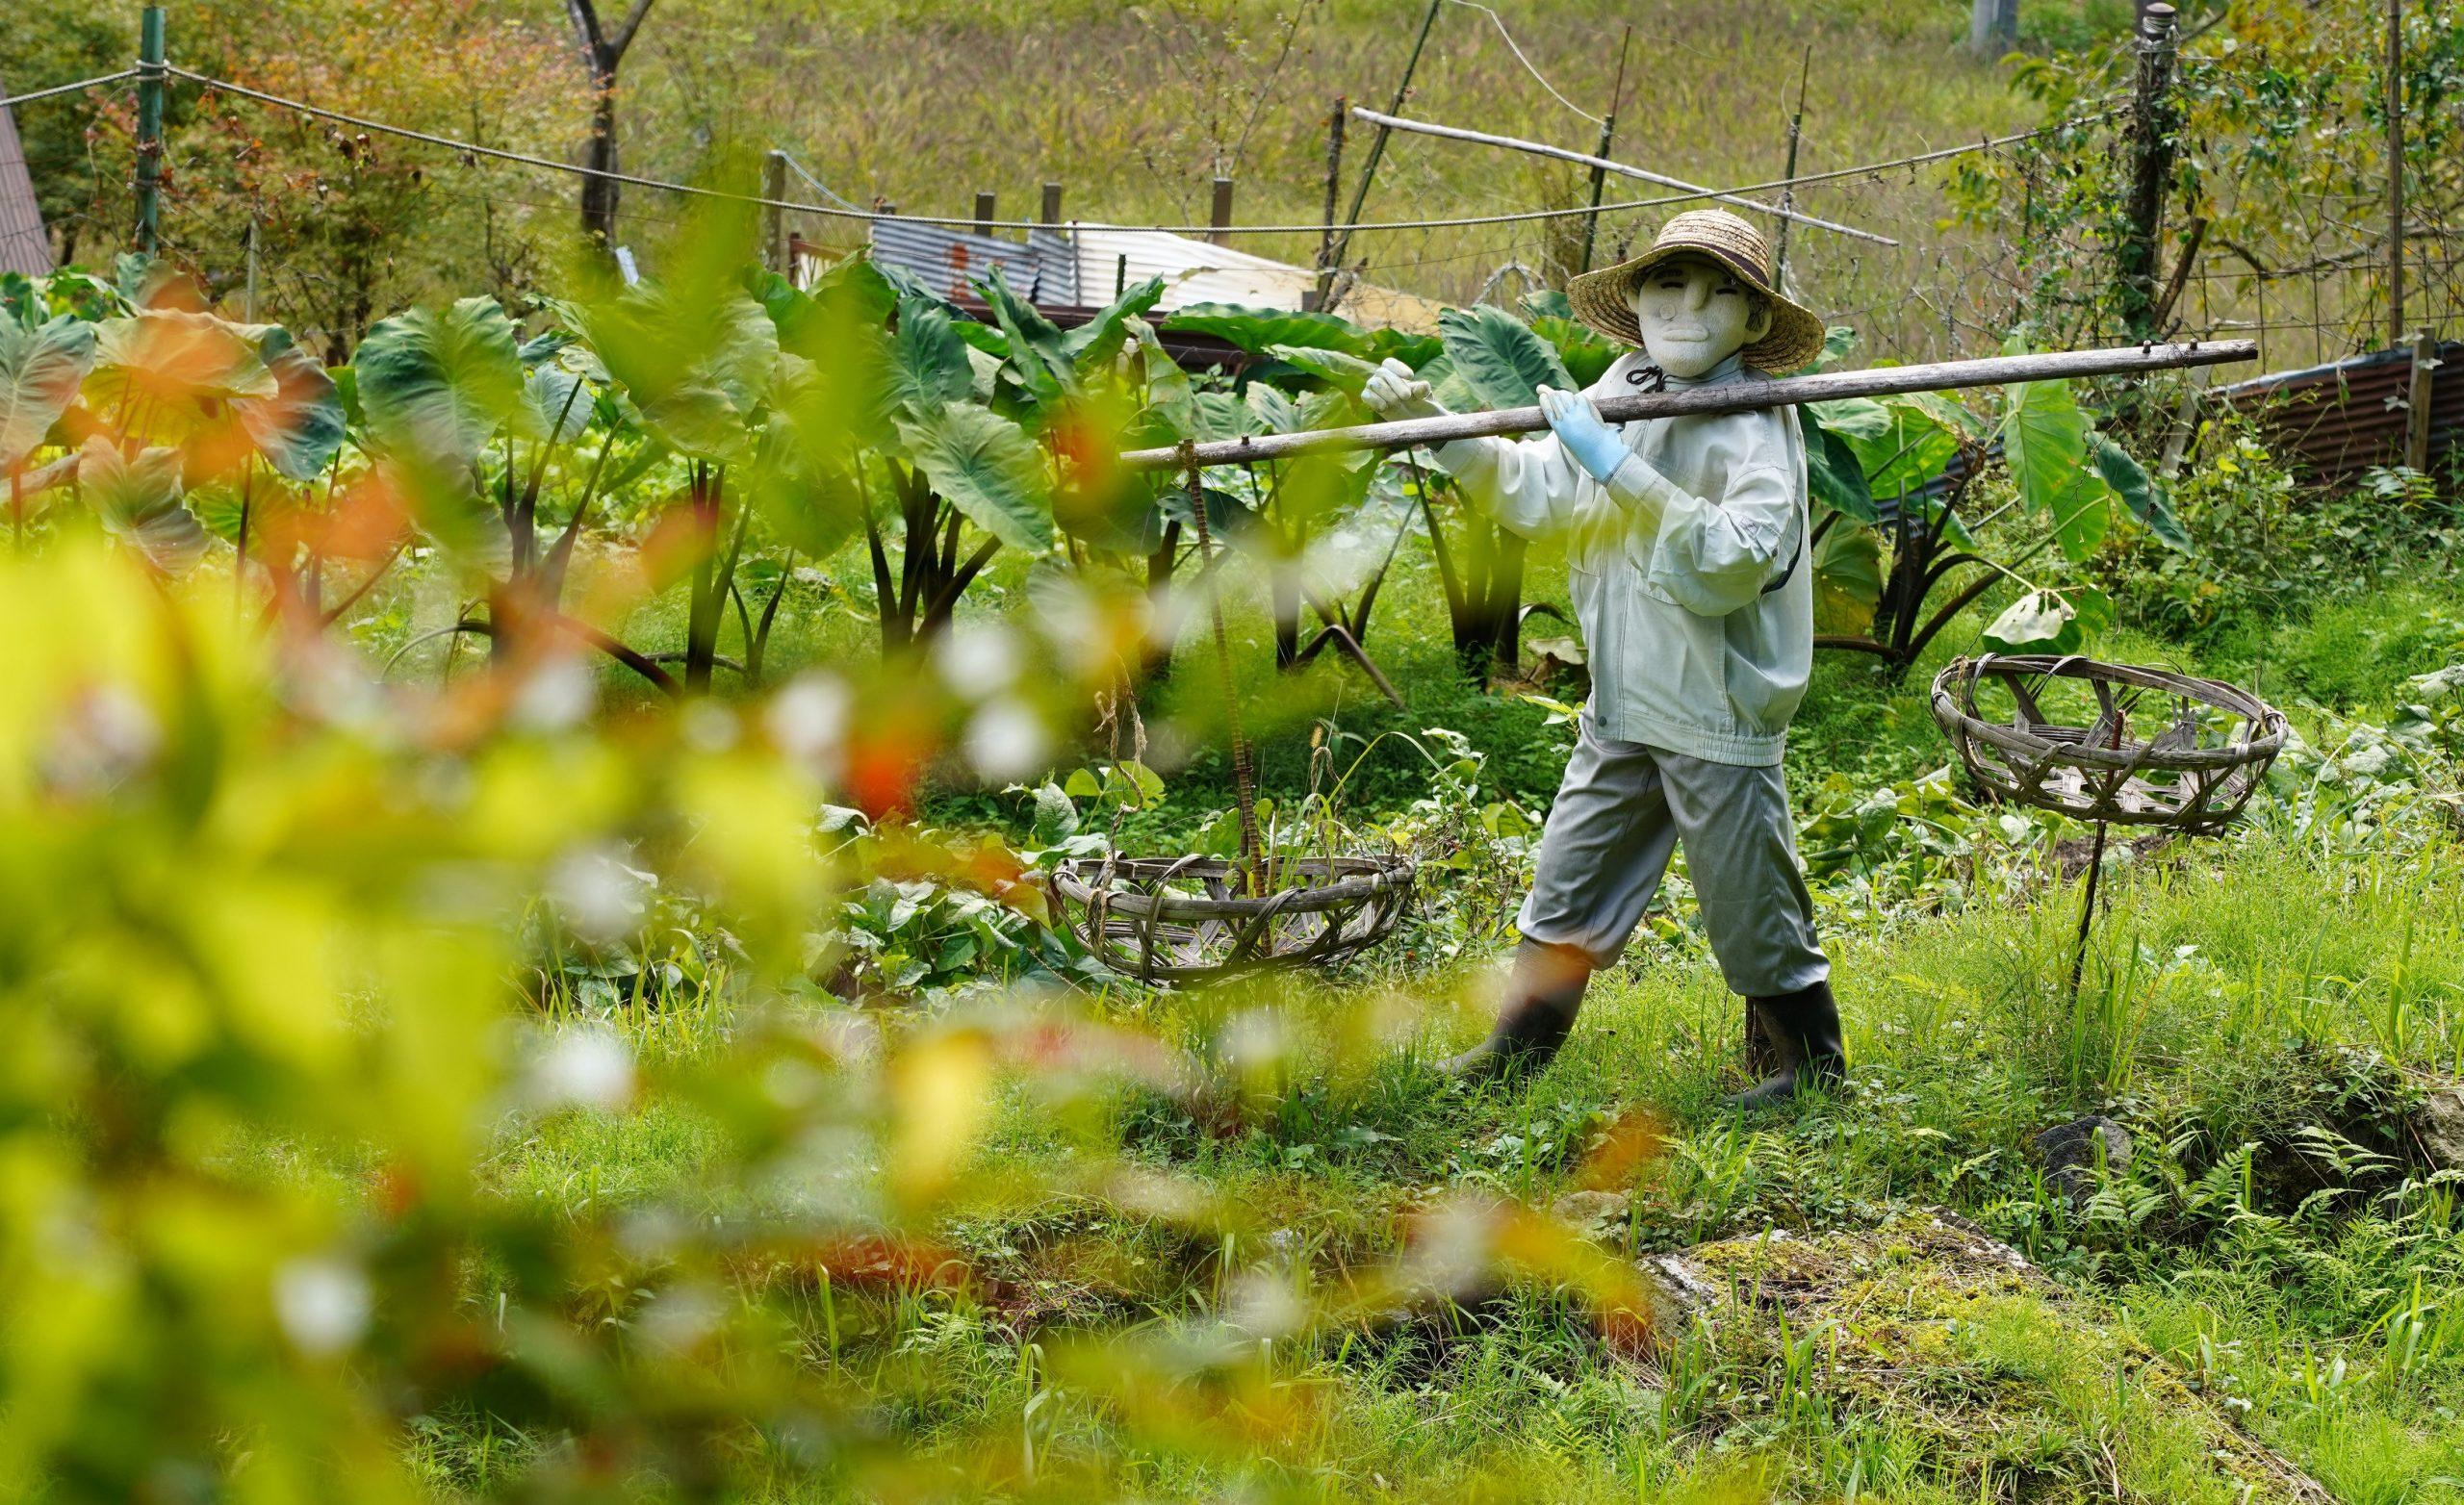 「収穫の刻」 撮影:morimori様